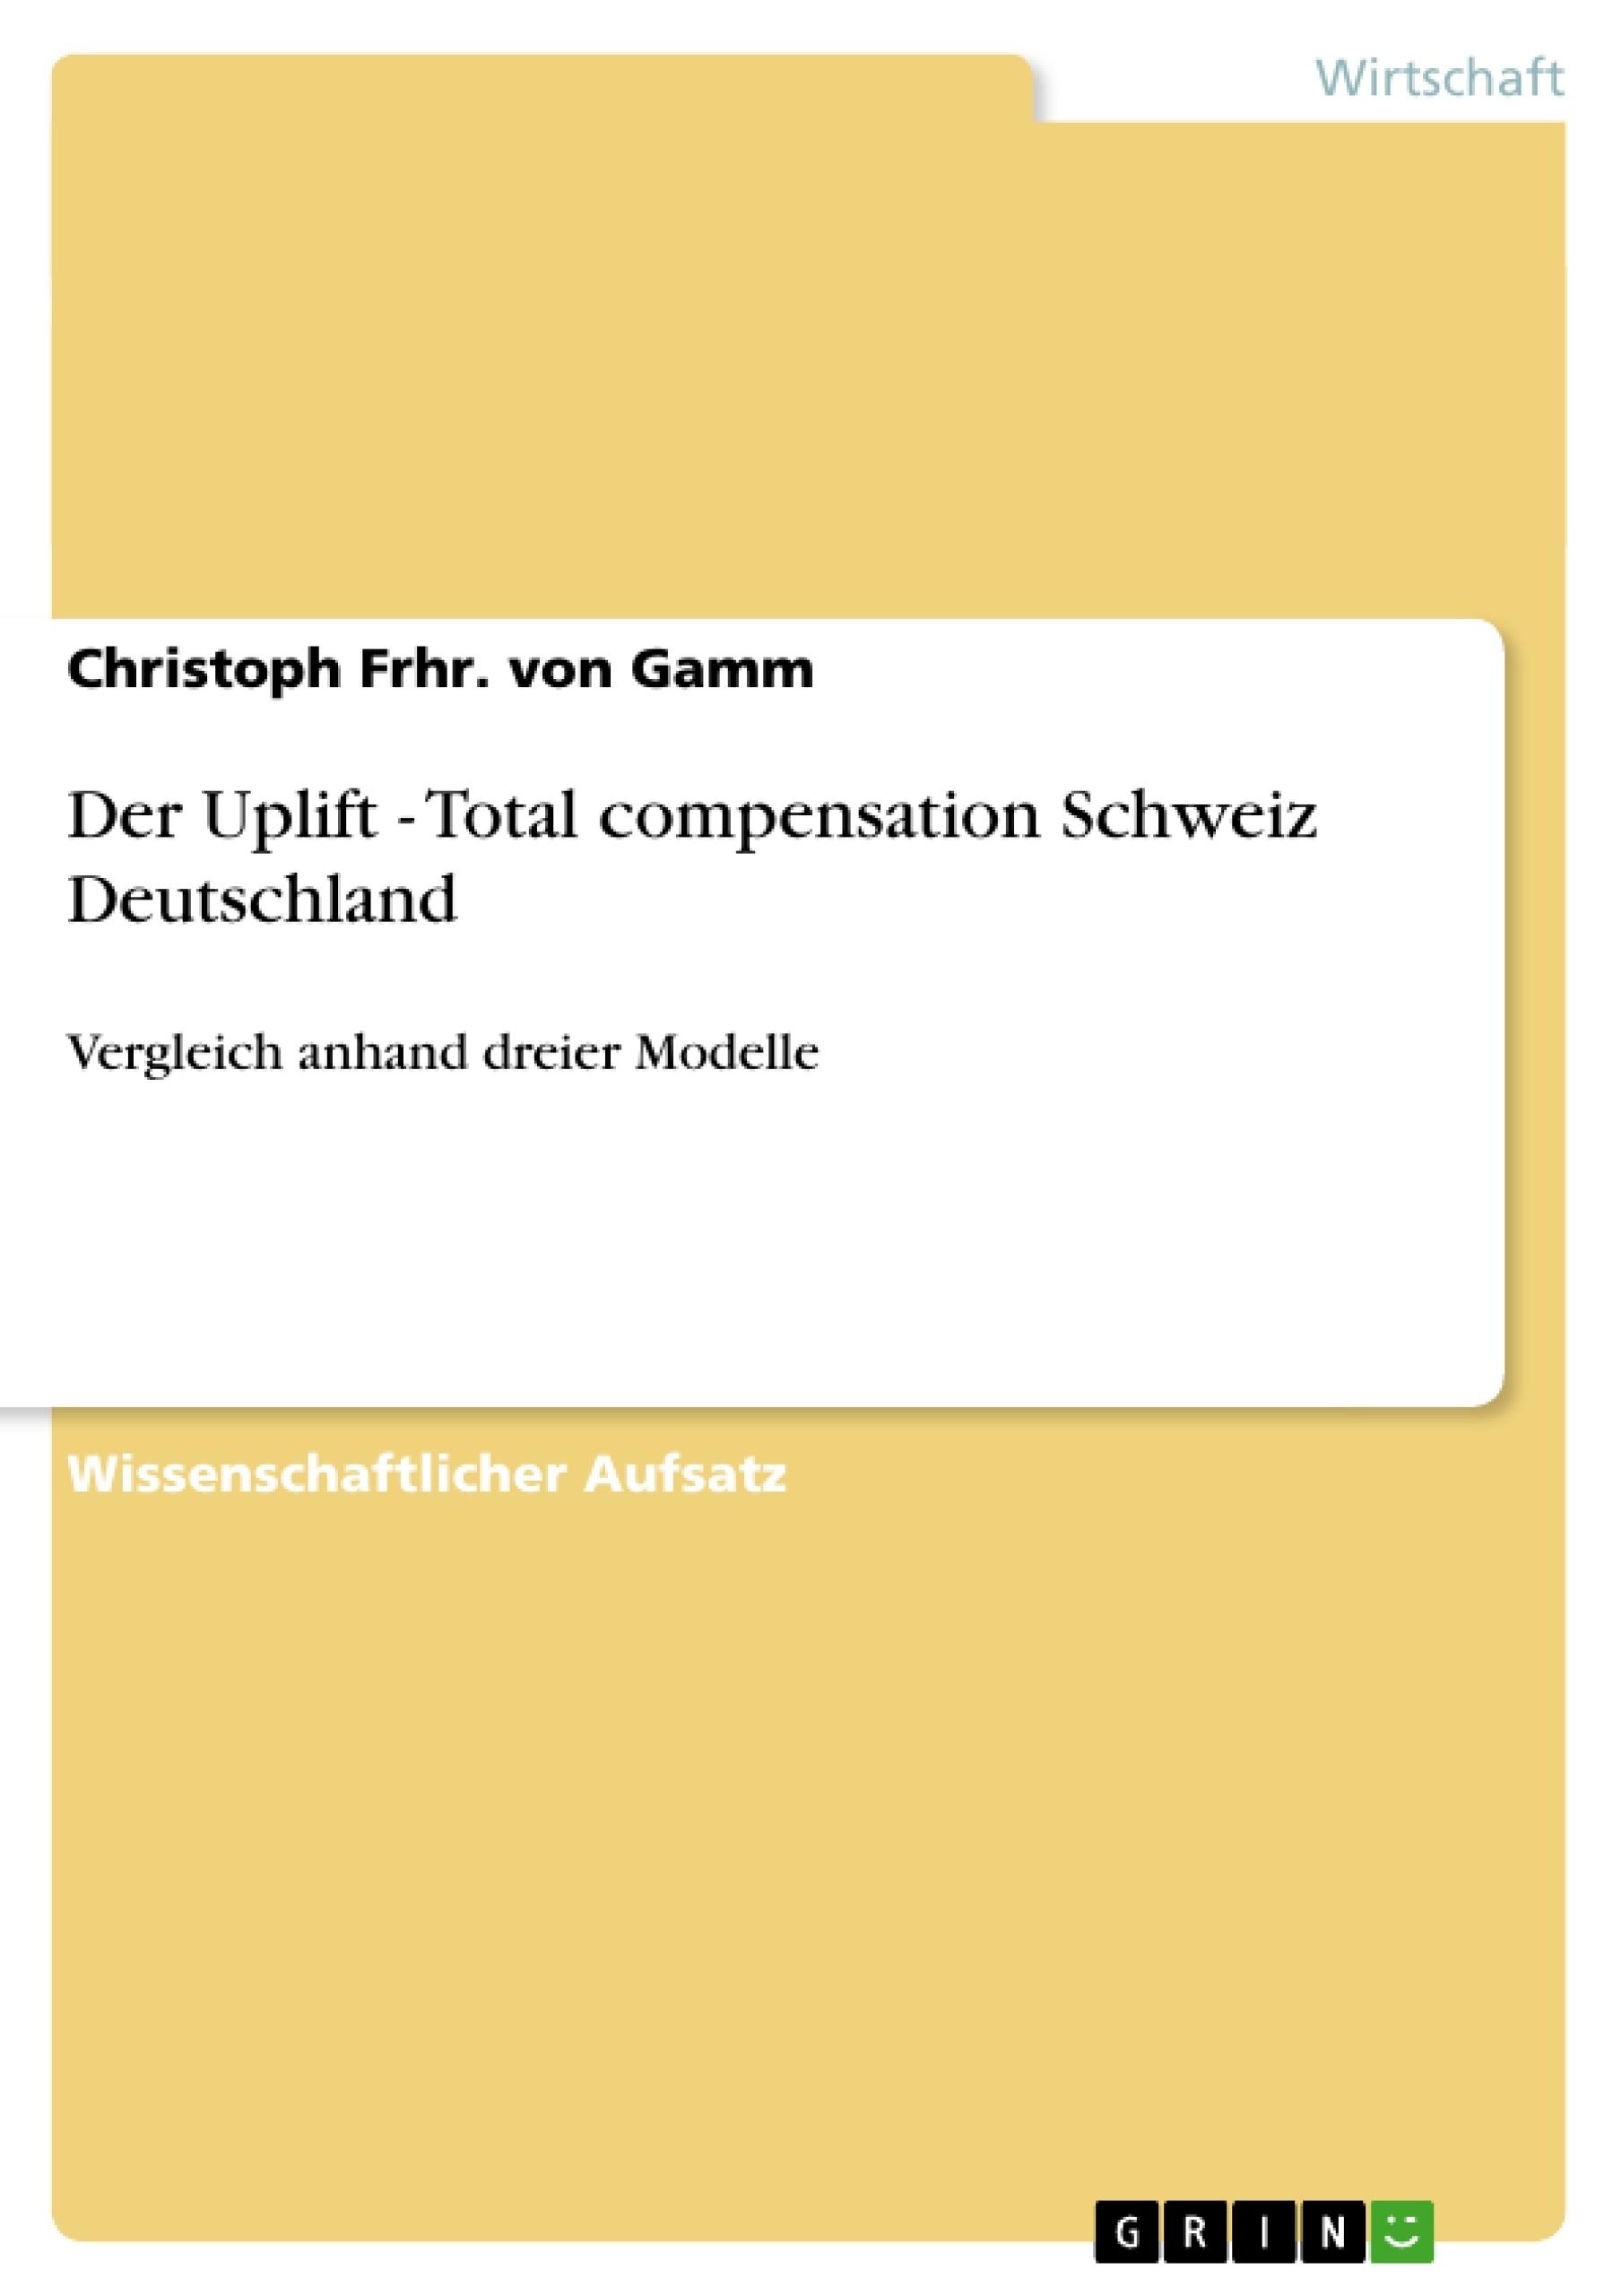 Titel: Der Uplift - Total compensation Schweiz Deutschland